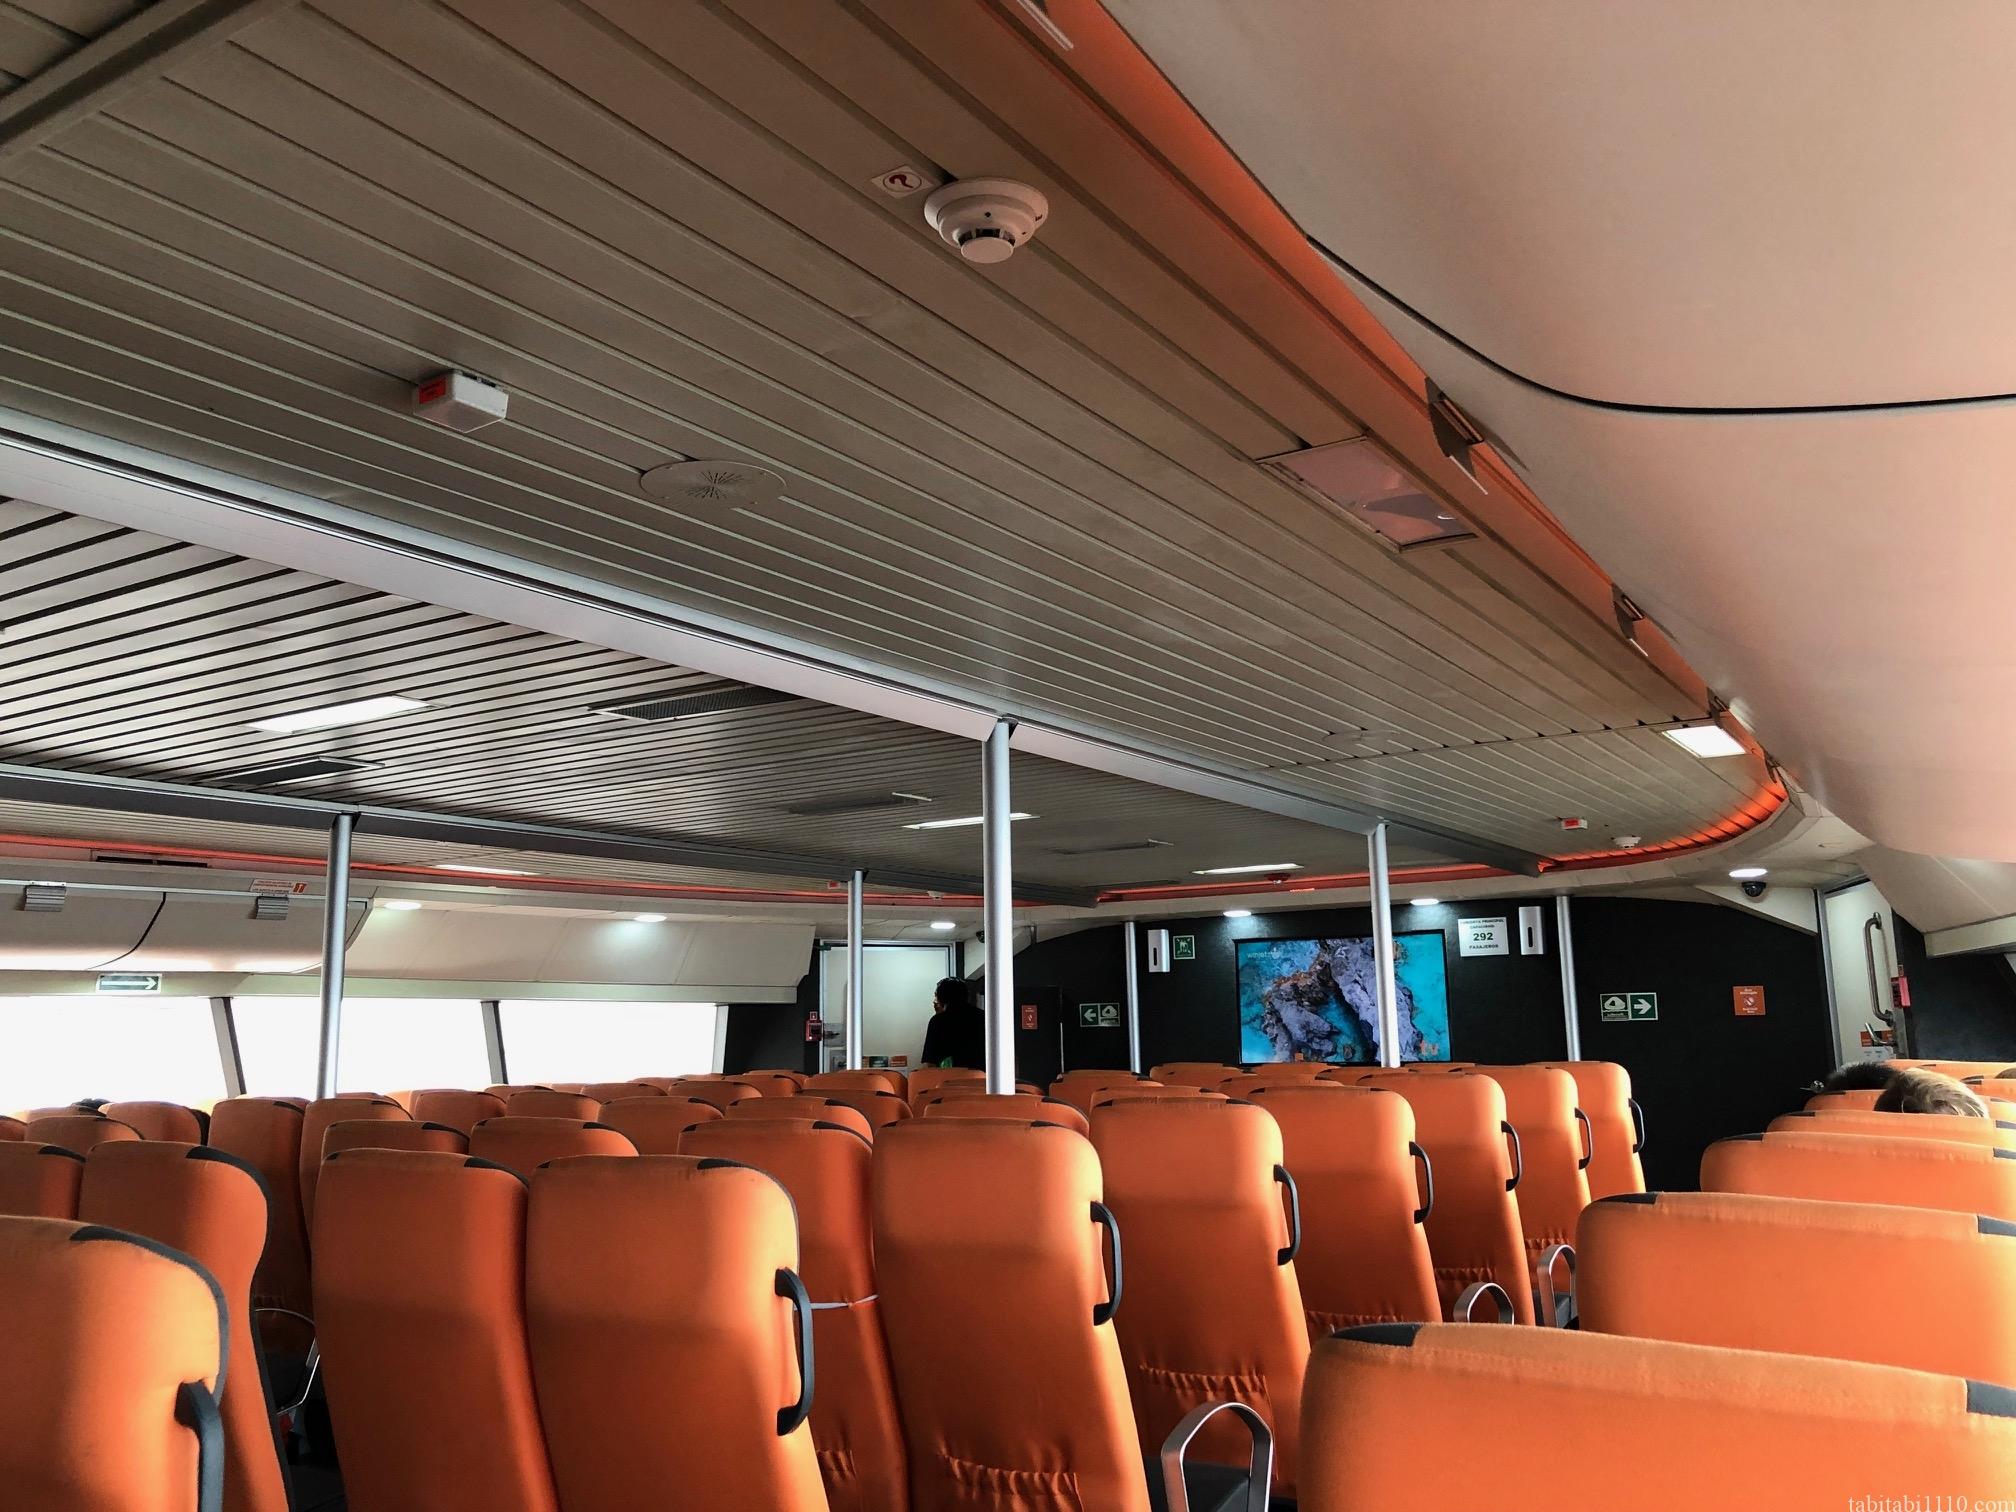 コスメル島からプラヤデルカルメンへのフェリー船内